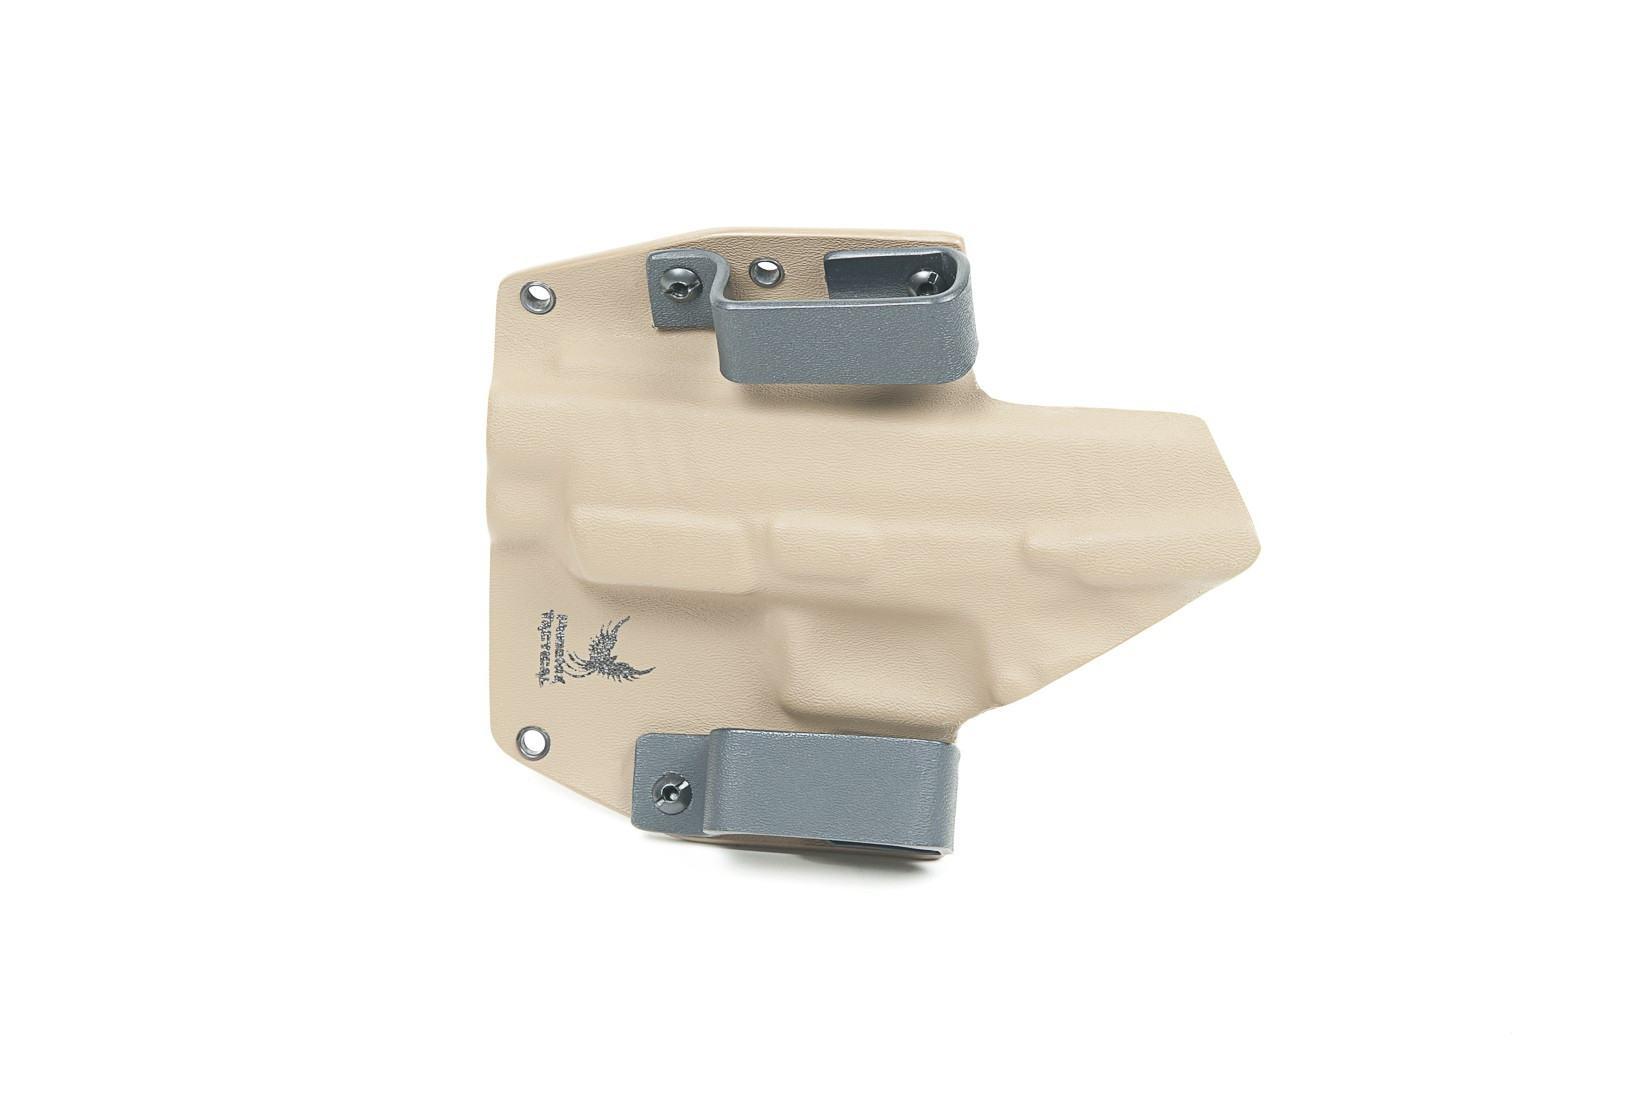 Phoenix Tactical XDM .40 Kydex Alpha Holster - Tan